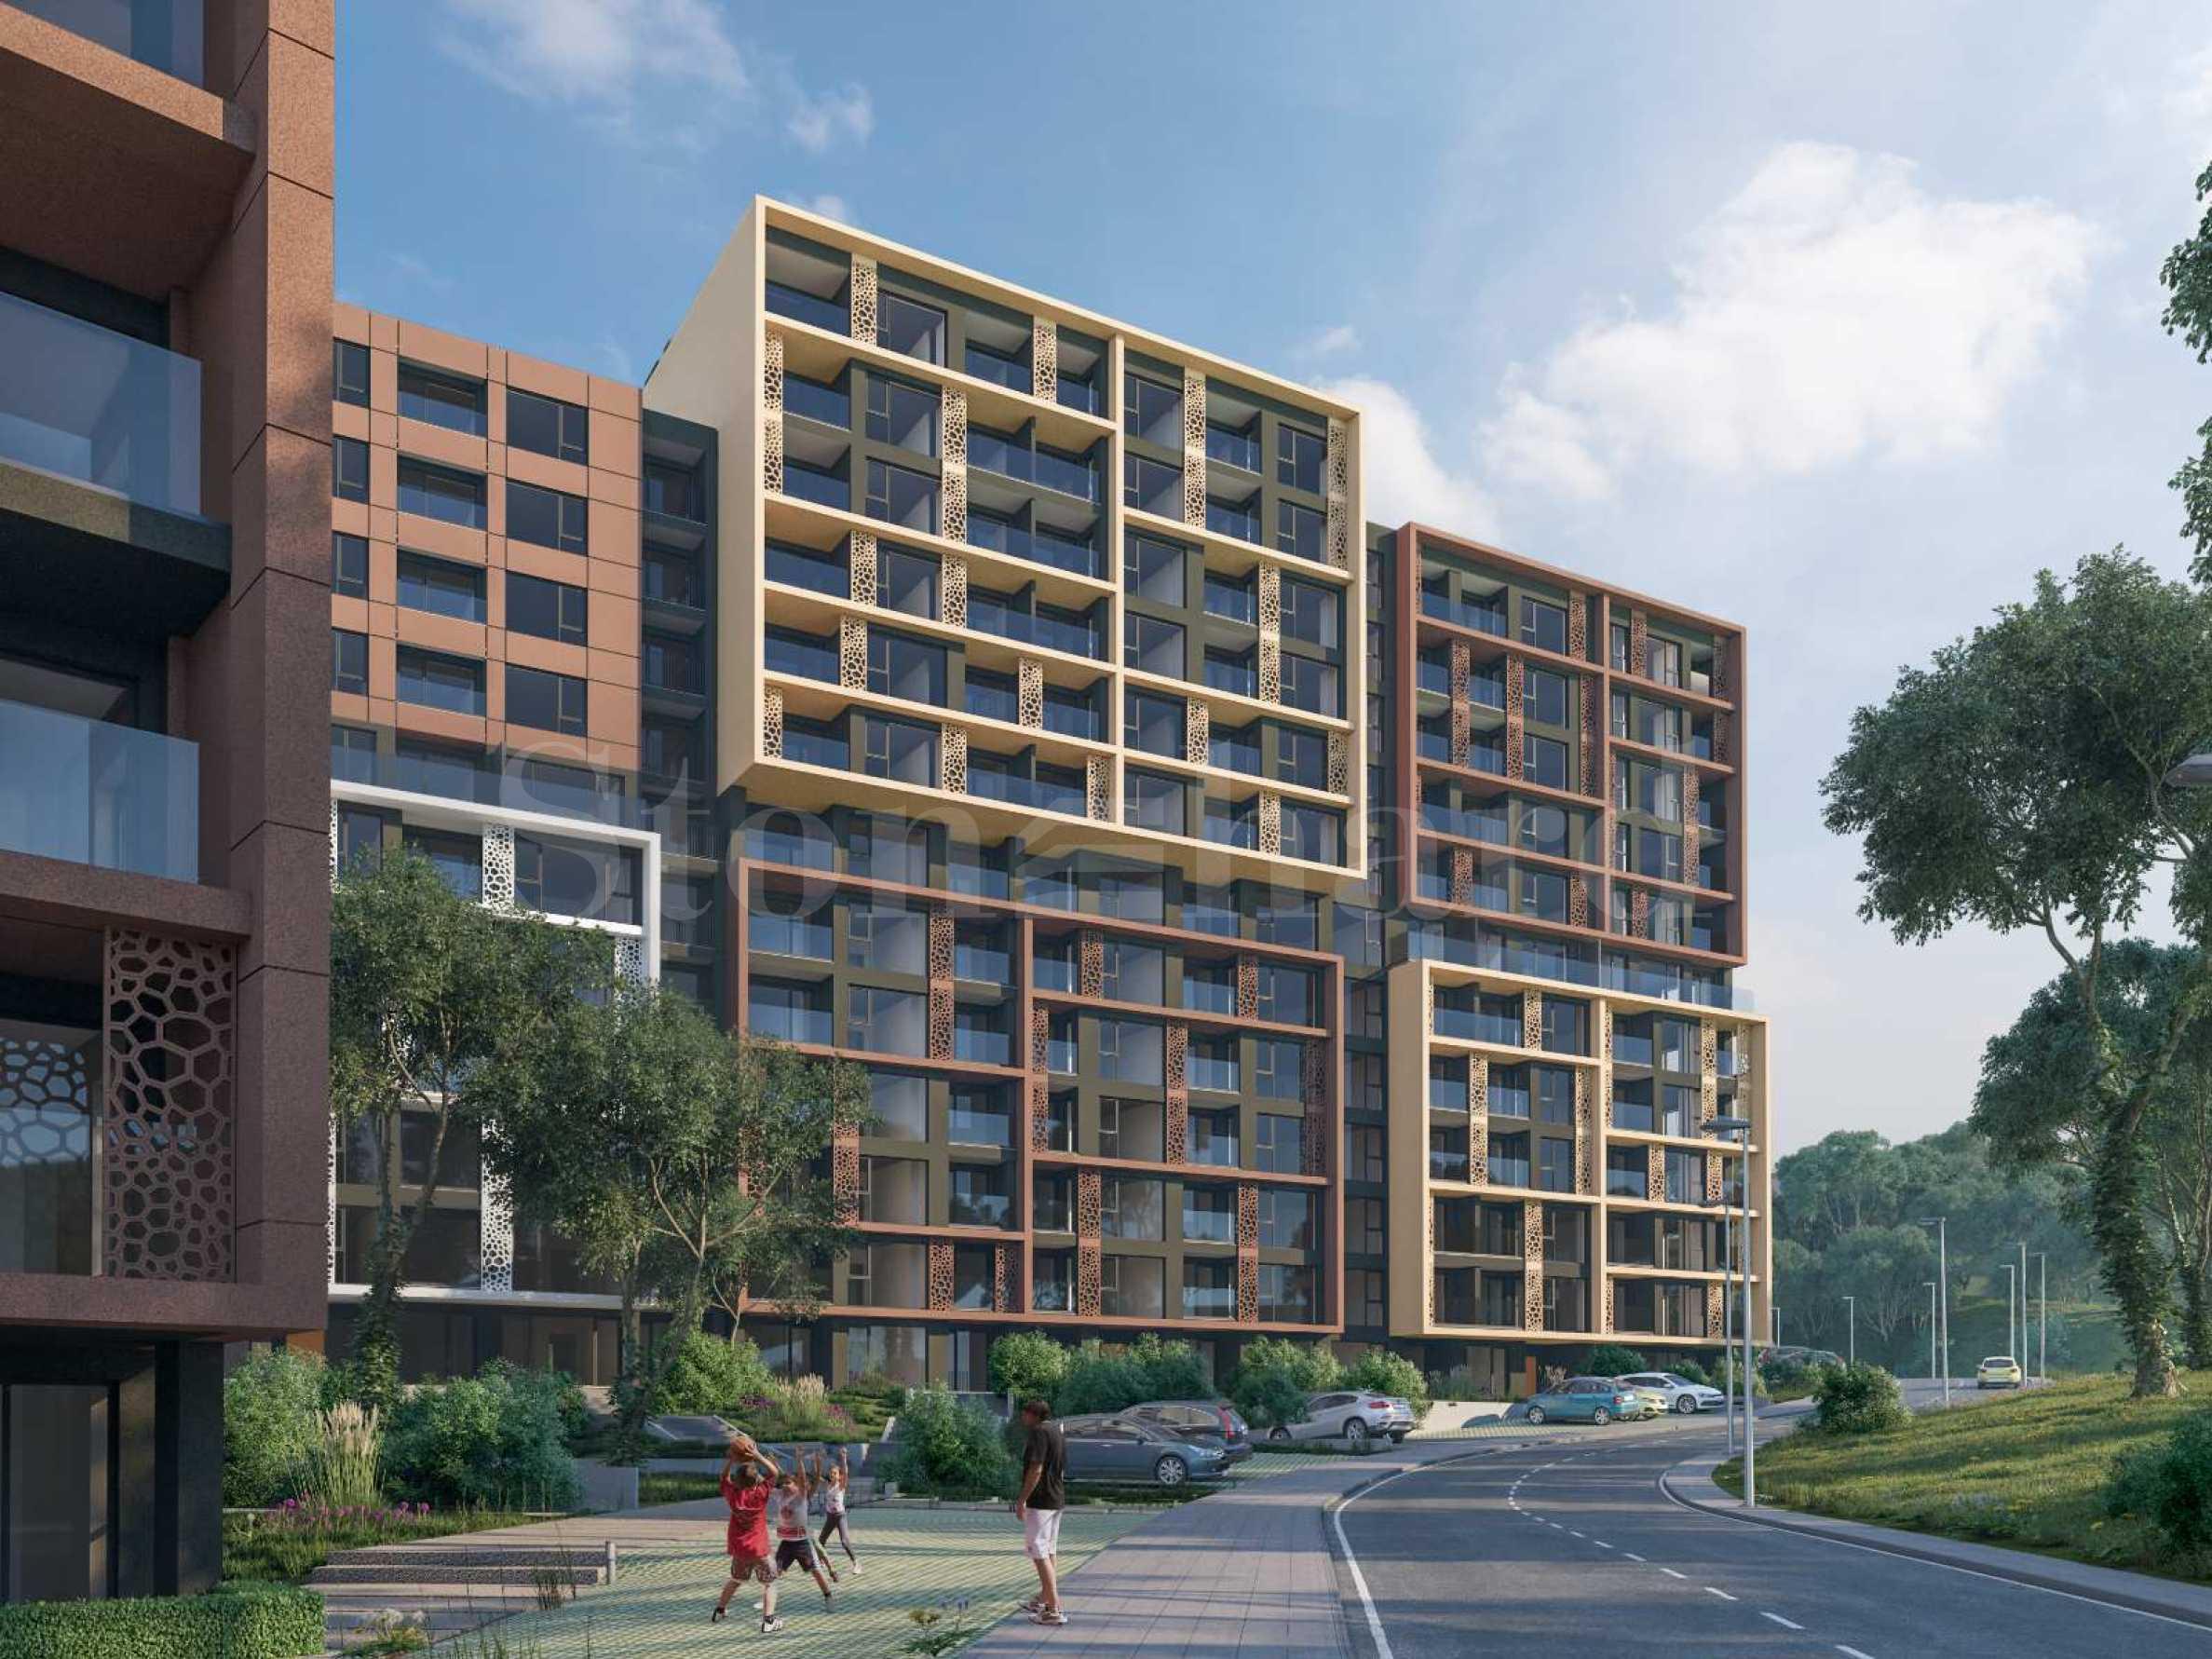 Модерен жилищен комплекс с впечатляваща визия в кв. Бриз, гр. Варна1 - Stonehard